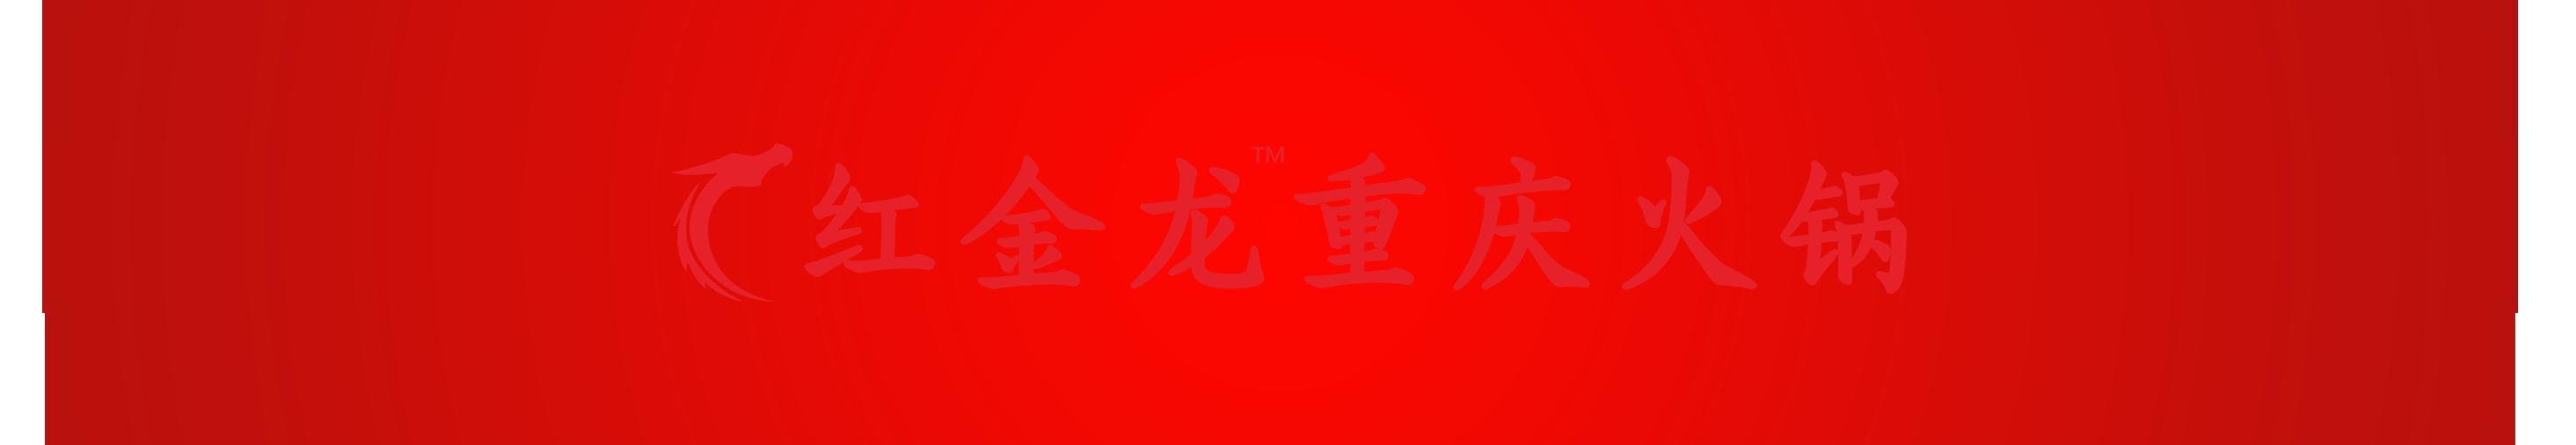 重庆红金龙火锅